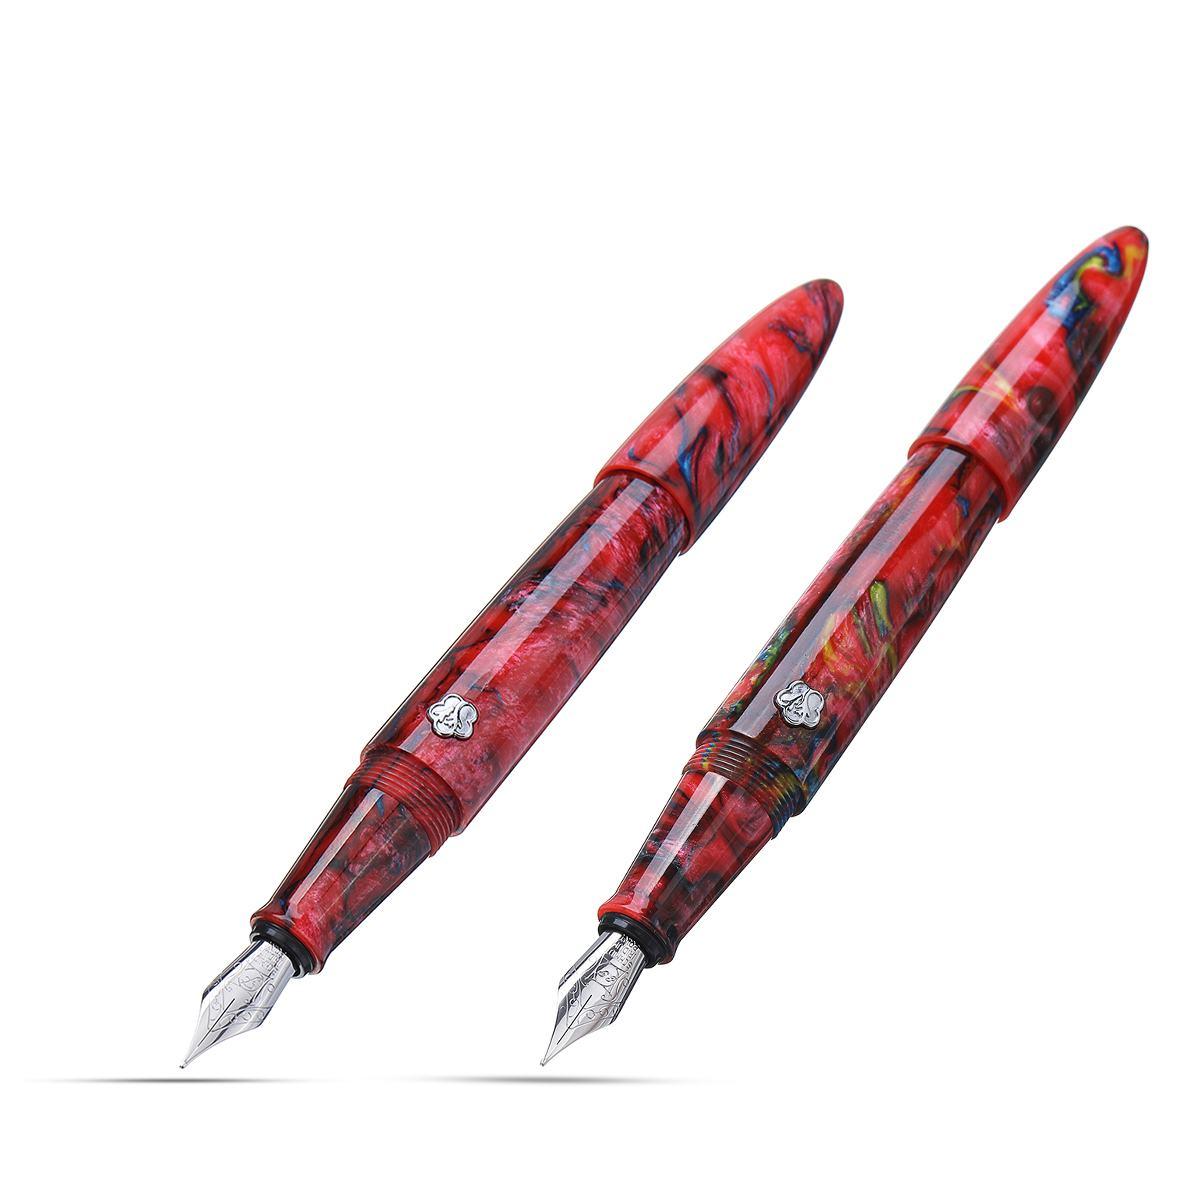 Haut de gamme rouge résine corps stylo plume 0.5mm Extra fin \ Fine Nib convertisseur papeterie bureau école fournitures encre stylo cadeau boîte